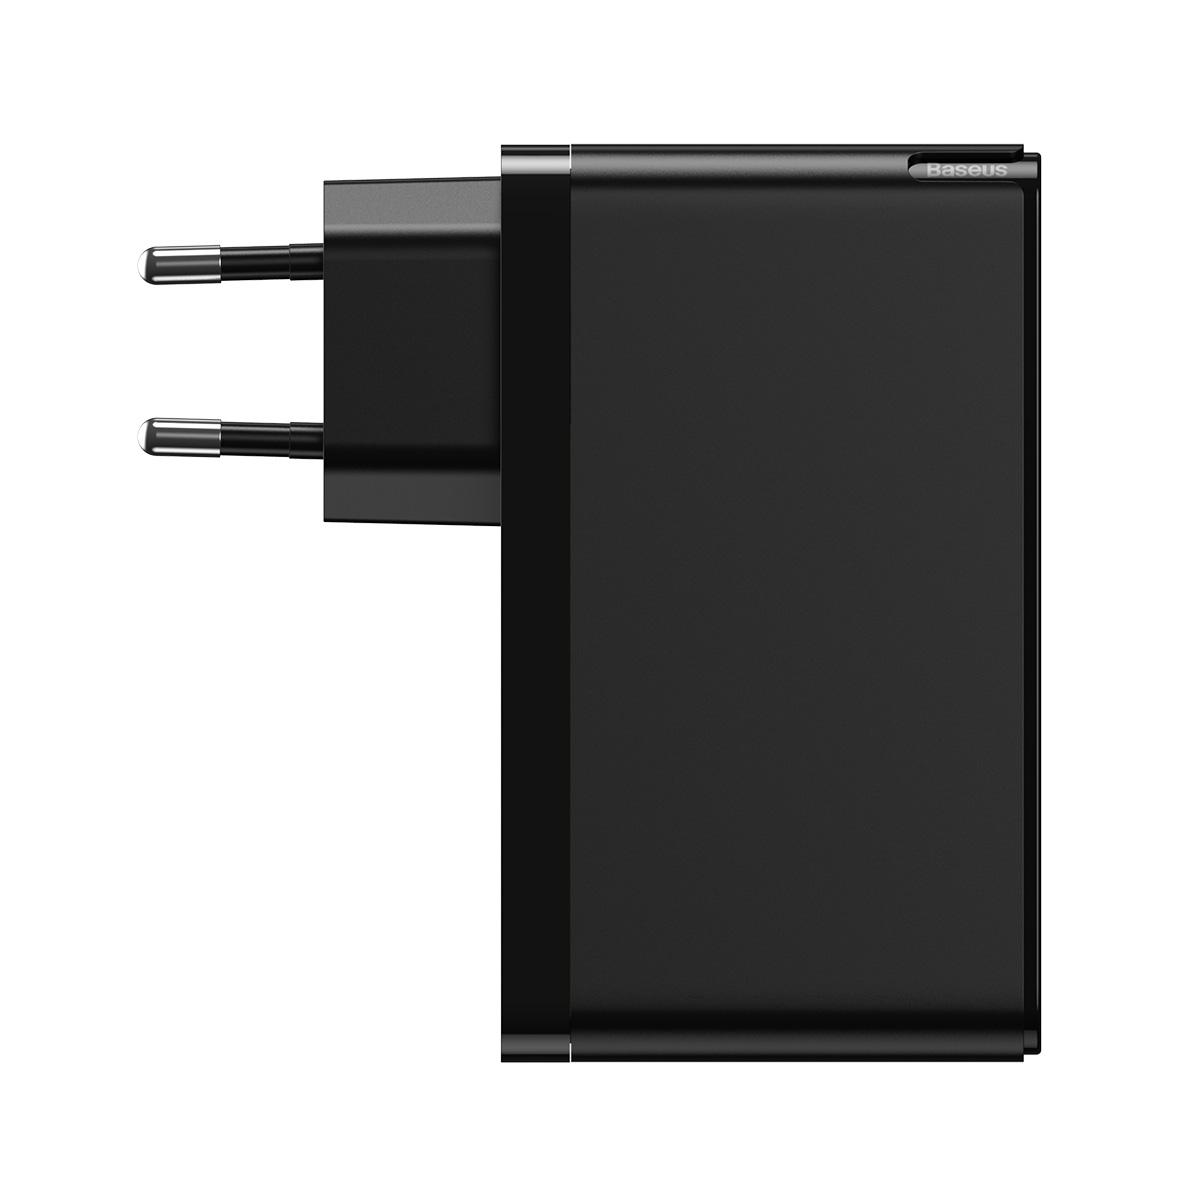 Baseus ładowarka sieciowa GaN2 Mini 3USB USB-A/ 2xPD USB-C 120W czarna z kablem USB-C - USB-C 100W / 2